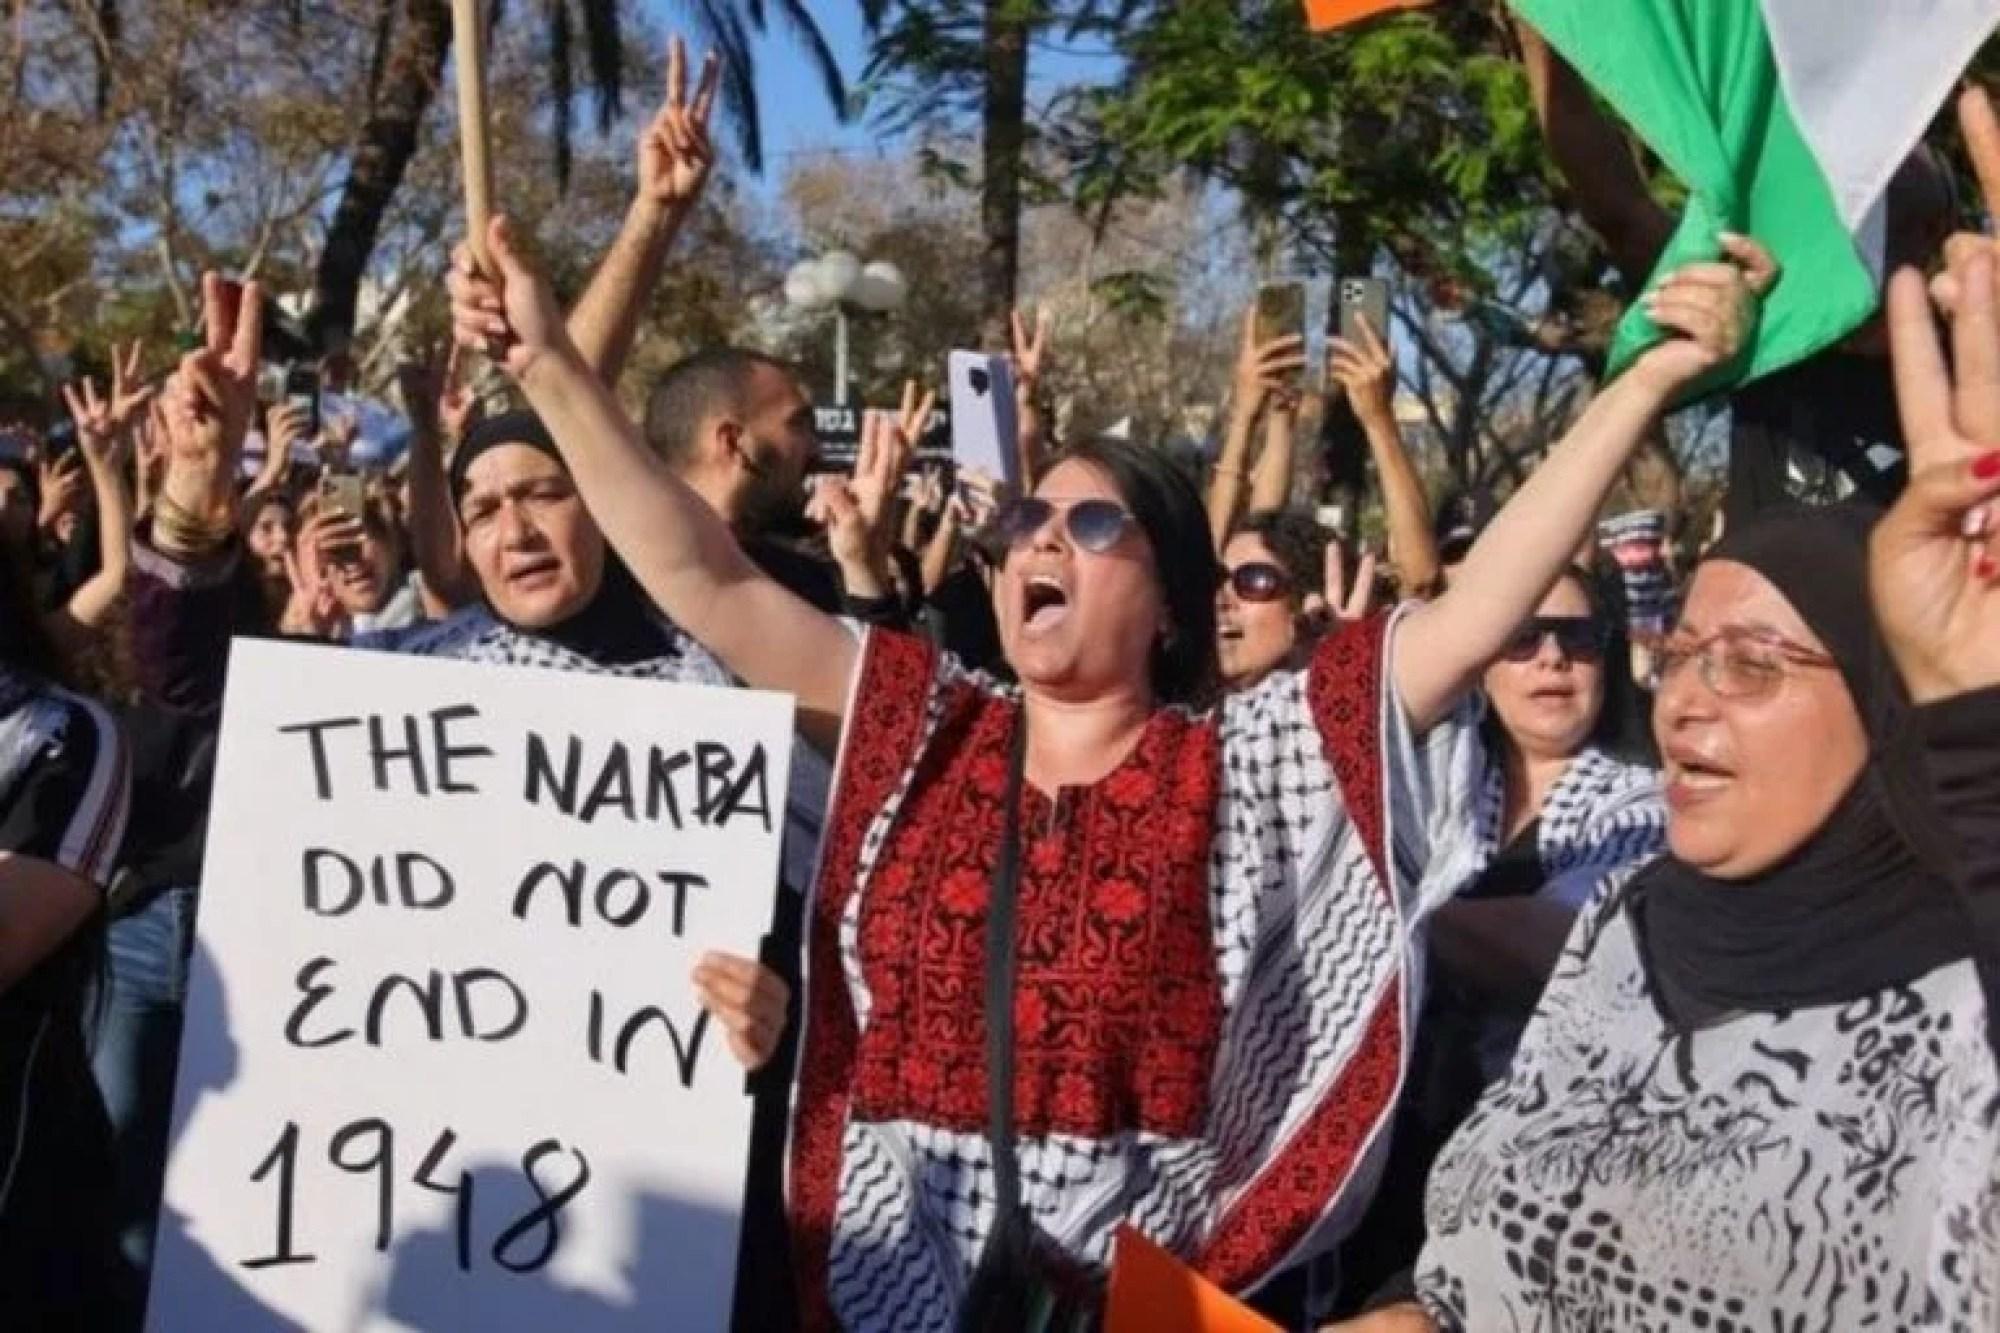 Las 5 controvertidas leyes que los ciudadanos árabes en Israel denuncian como discriminatorias